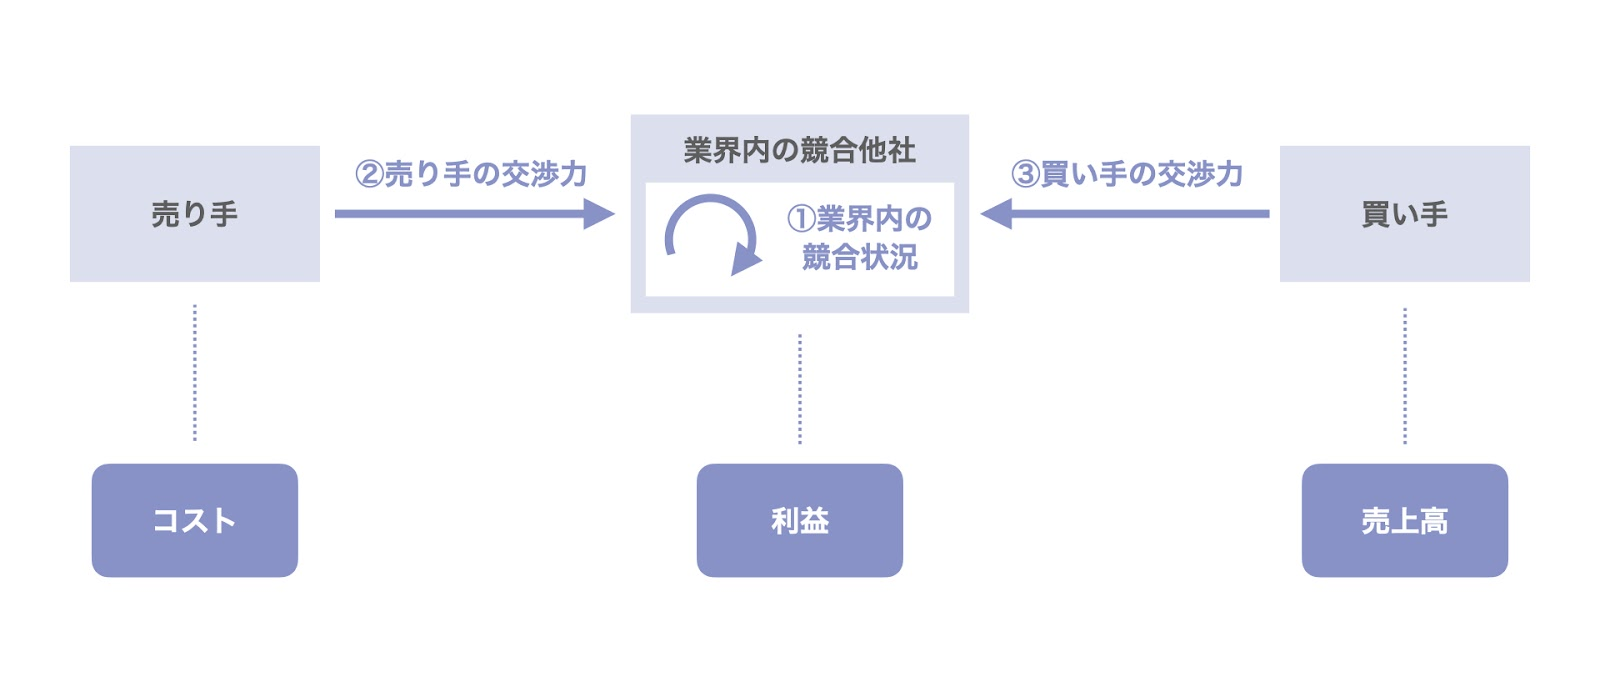 ファイブフォース分析と財務指標との関係